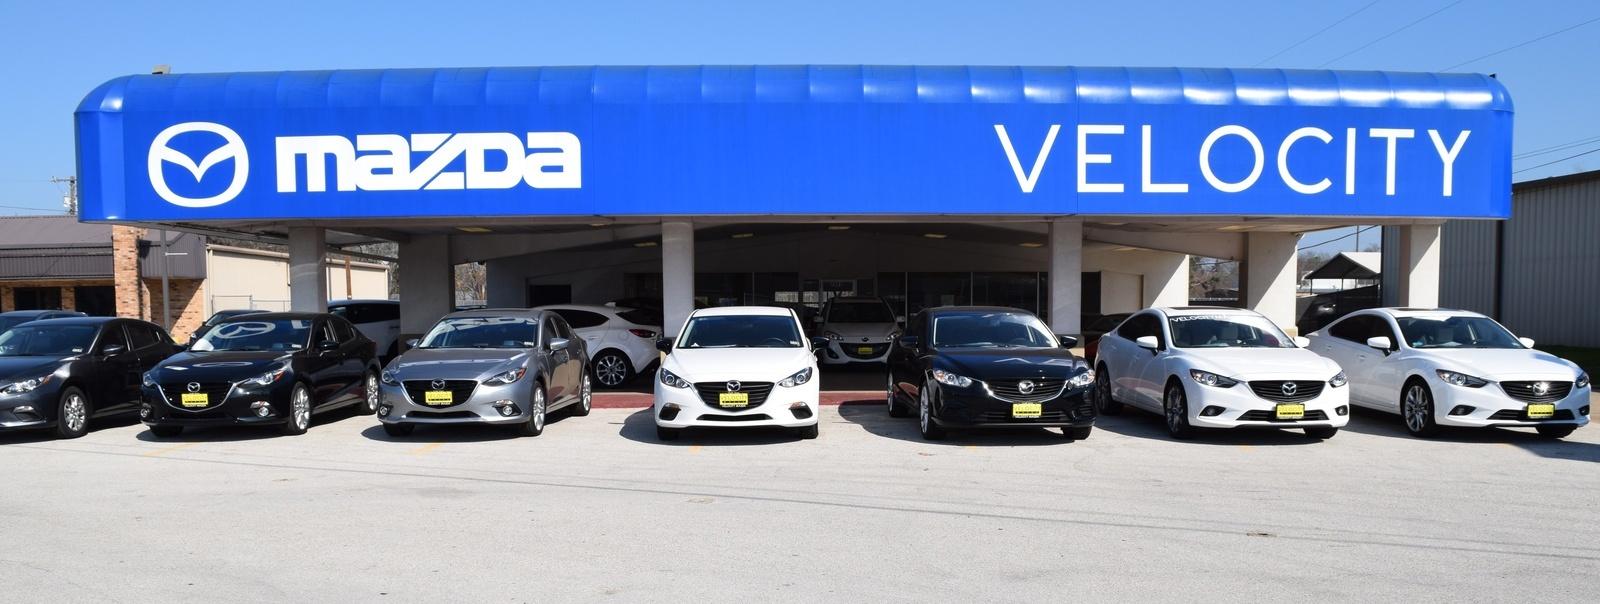 Velocity Mazda Tyler Tx Read Consumer Reviews Browse